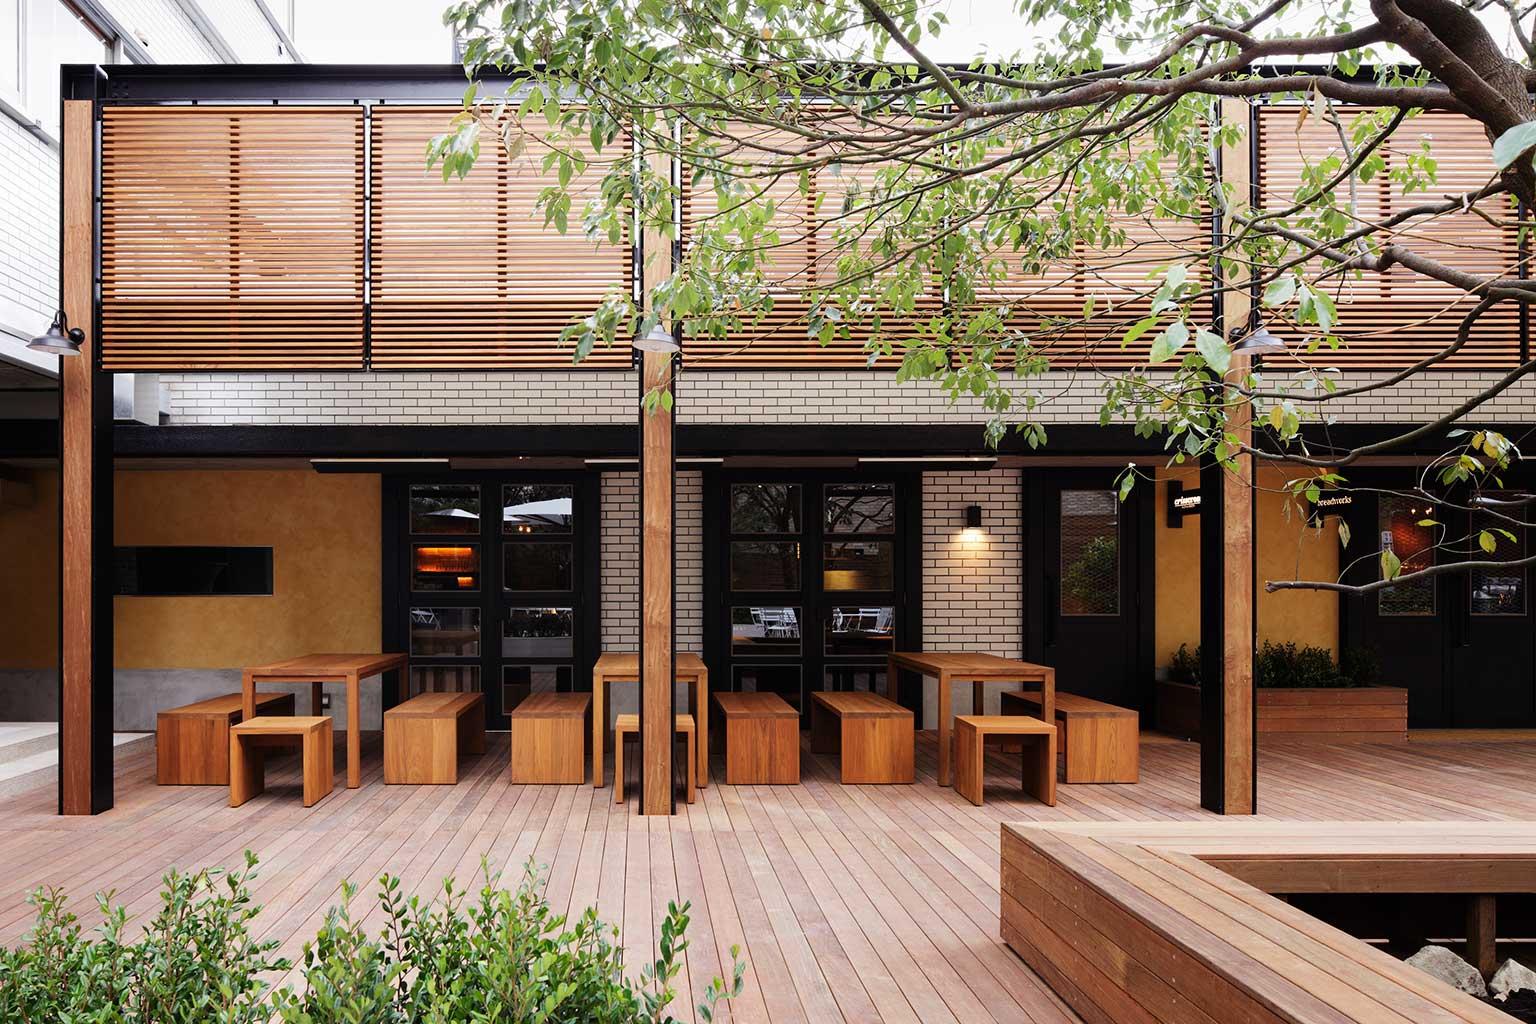 東京都内のテラス席のあるおしゃれなカフェおすすめ15選 | vokka [ヴォッカ]